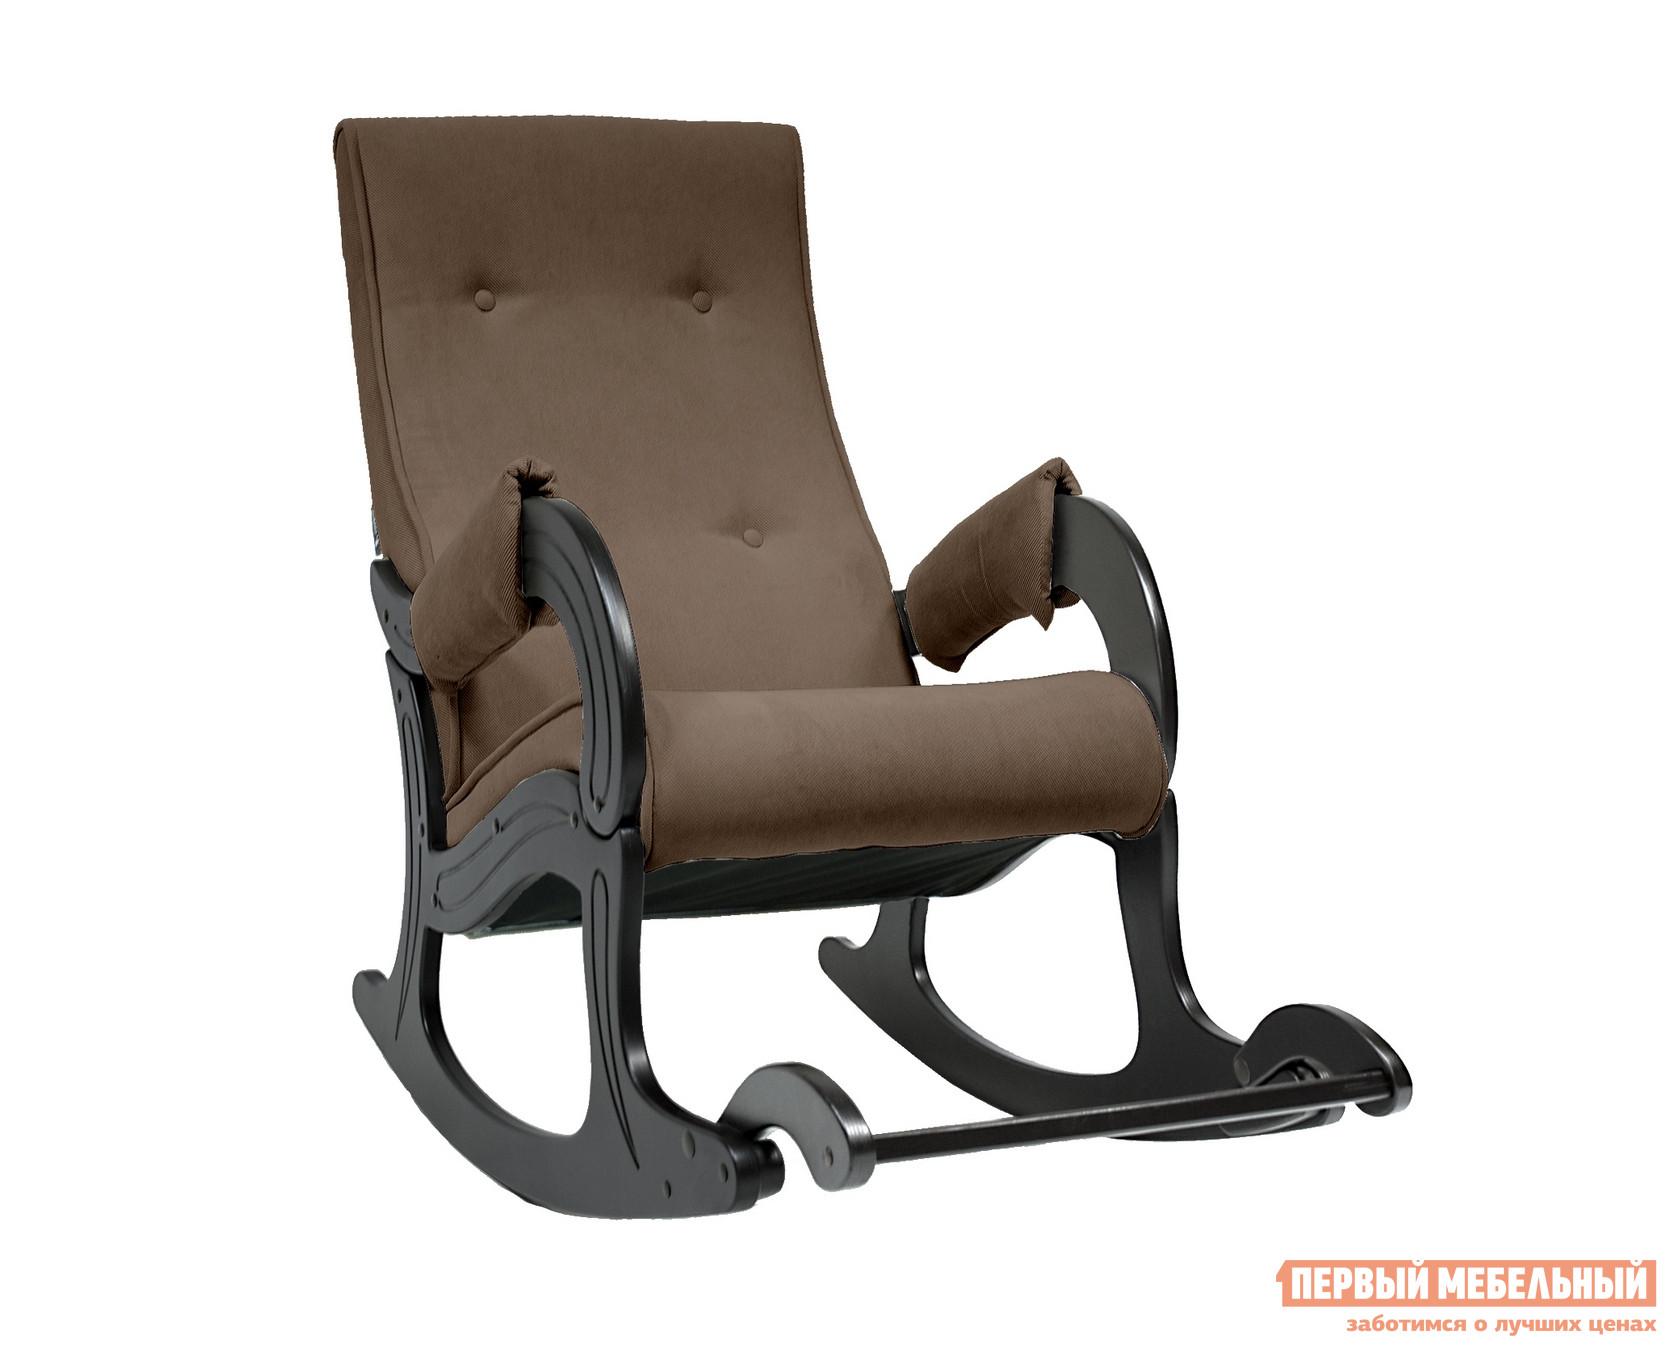 цена на Кресло-качалка Мебель Импэкс Кресло-качалка Комфорт Модель 707